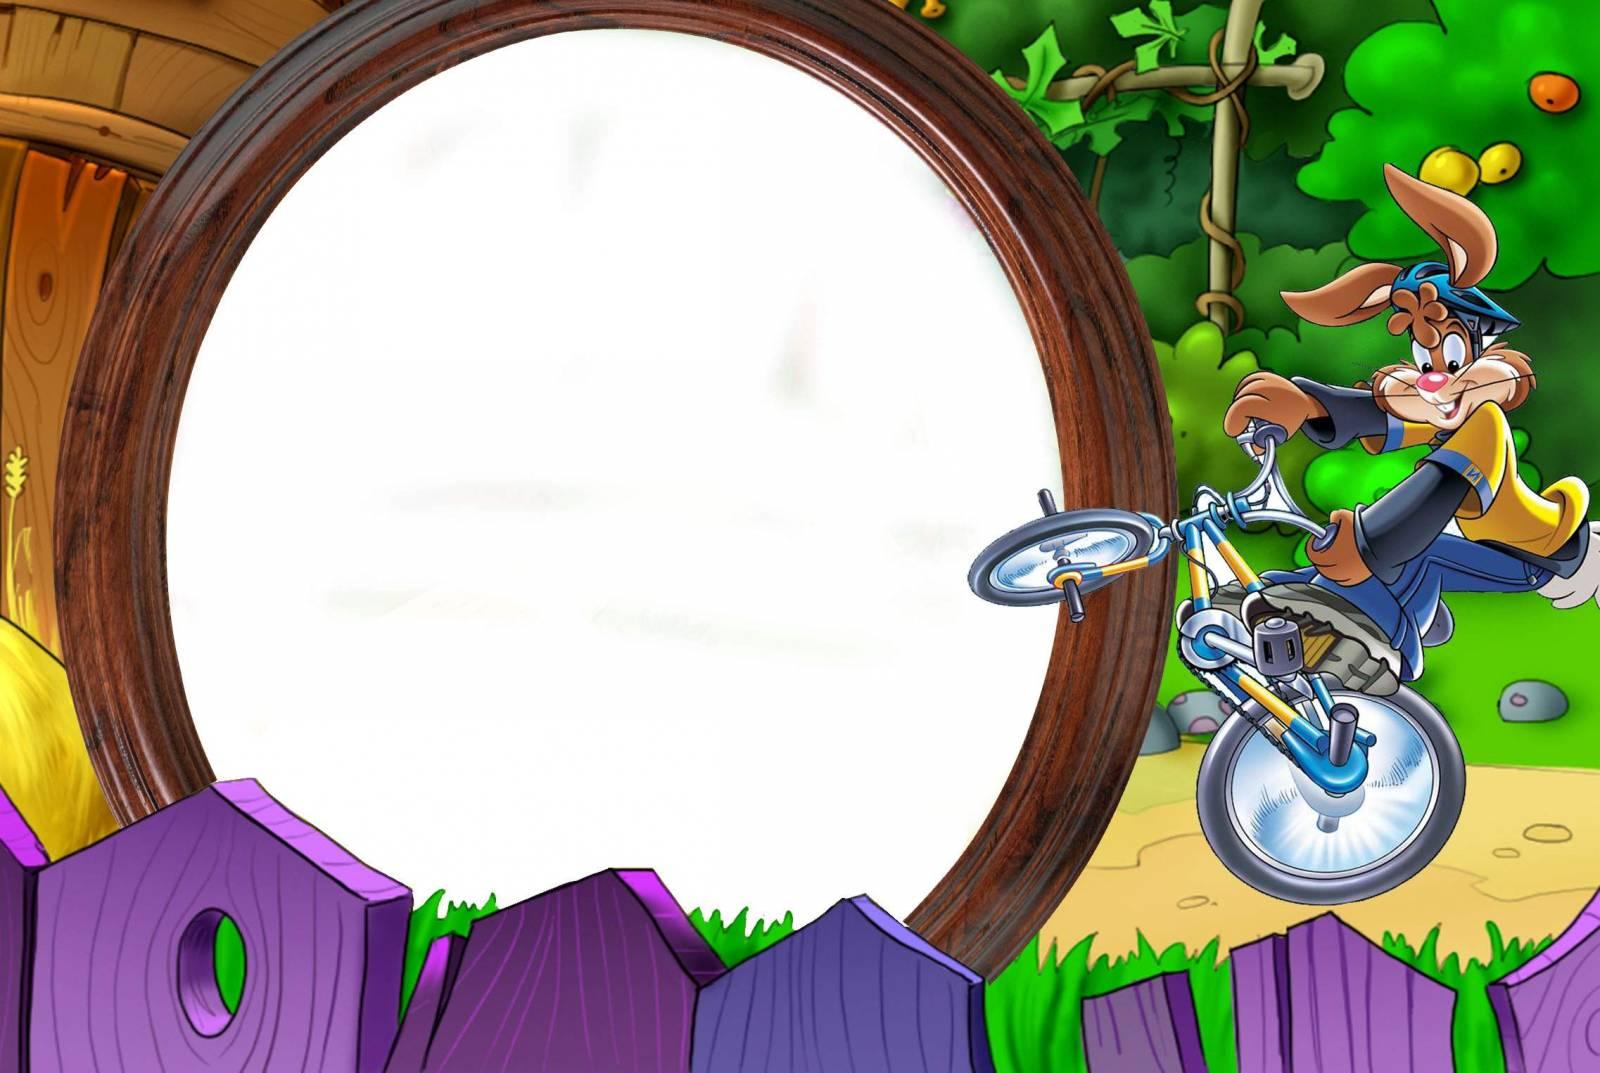 Фото рамка для фотошопа человек на велосипеде 2